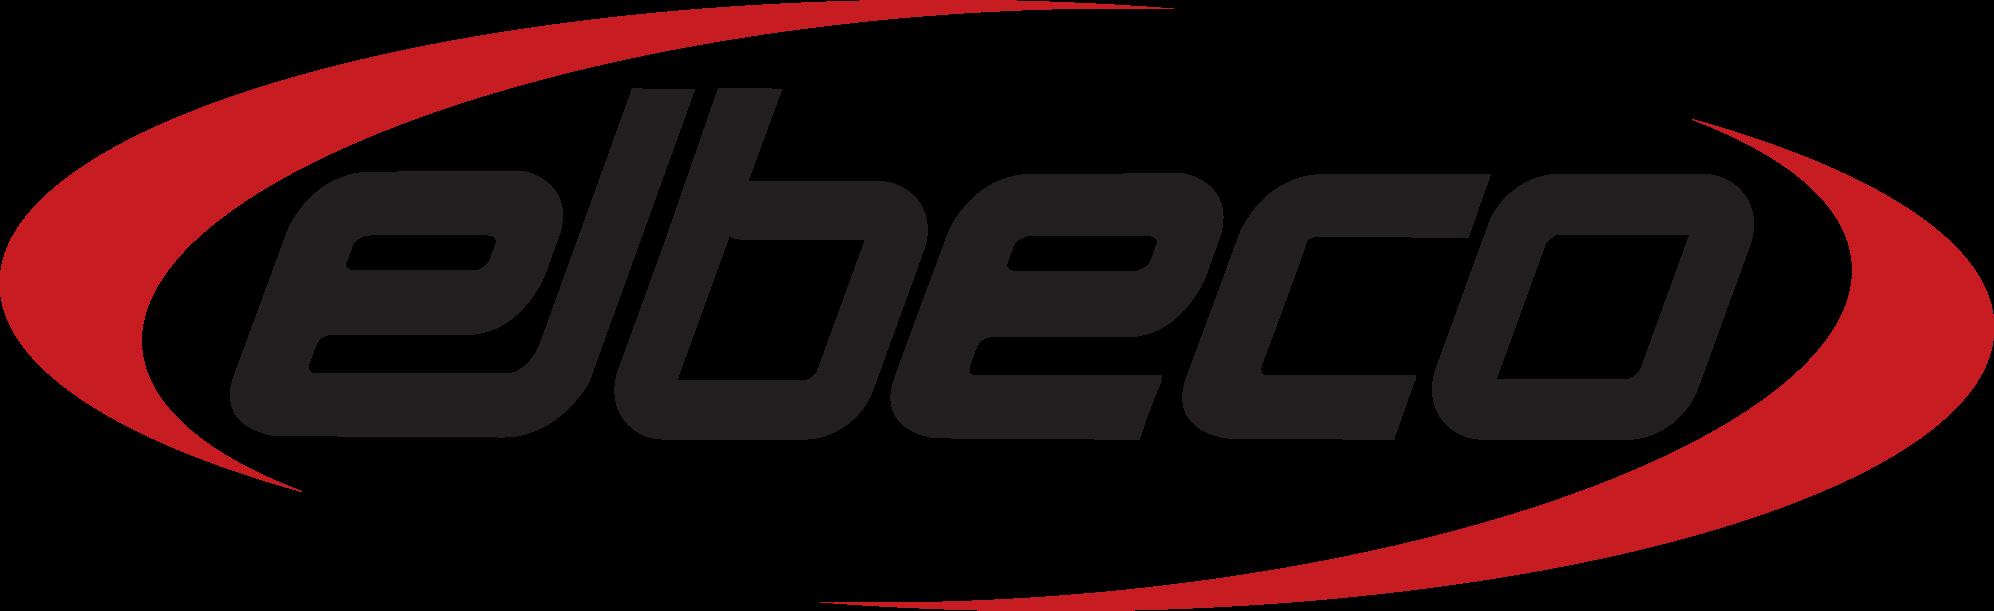 elbeco_logo.png